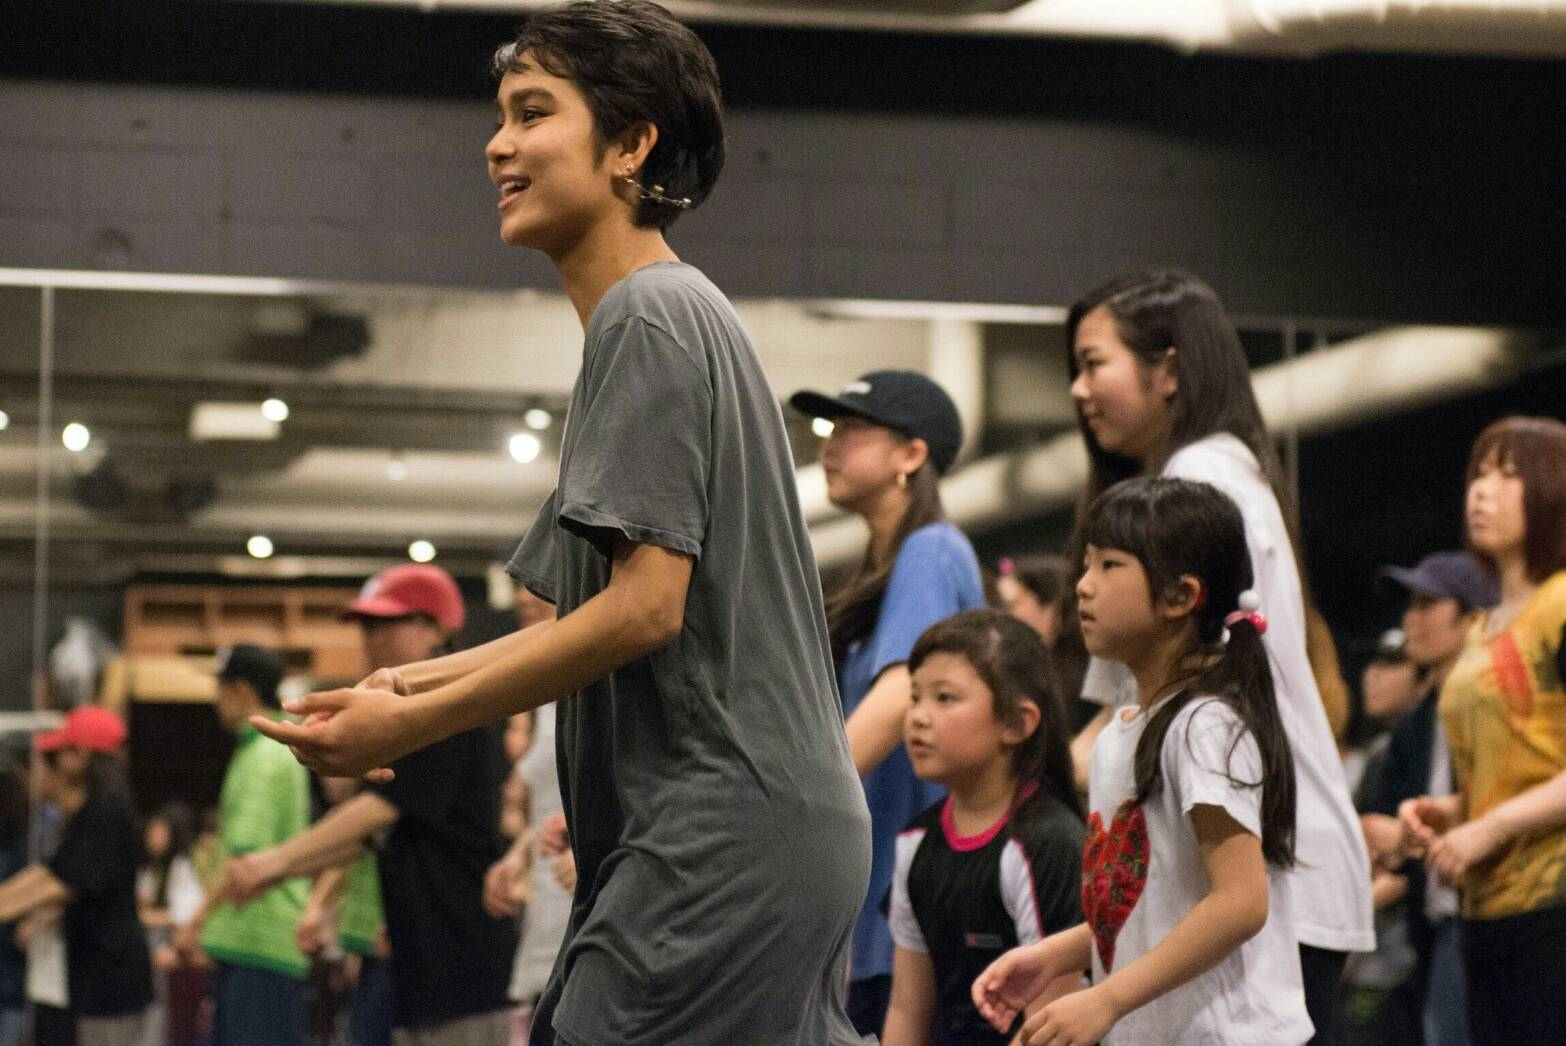 「音楽」と「こころ」で繋がるダンスプロジェクト 【CONNECTED】